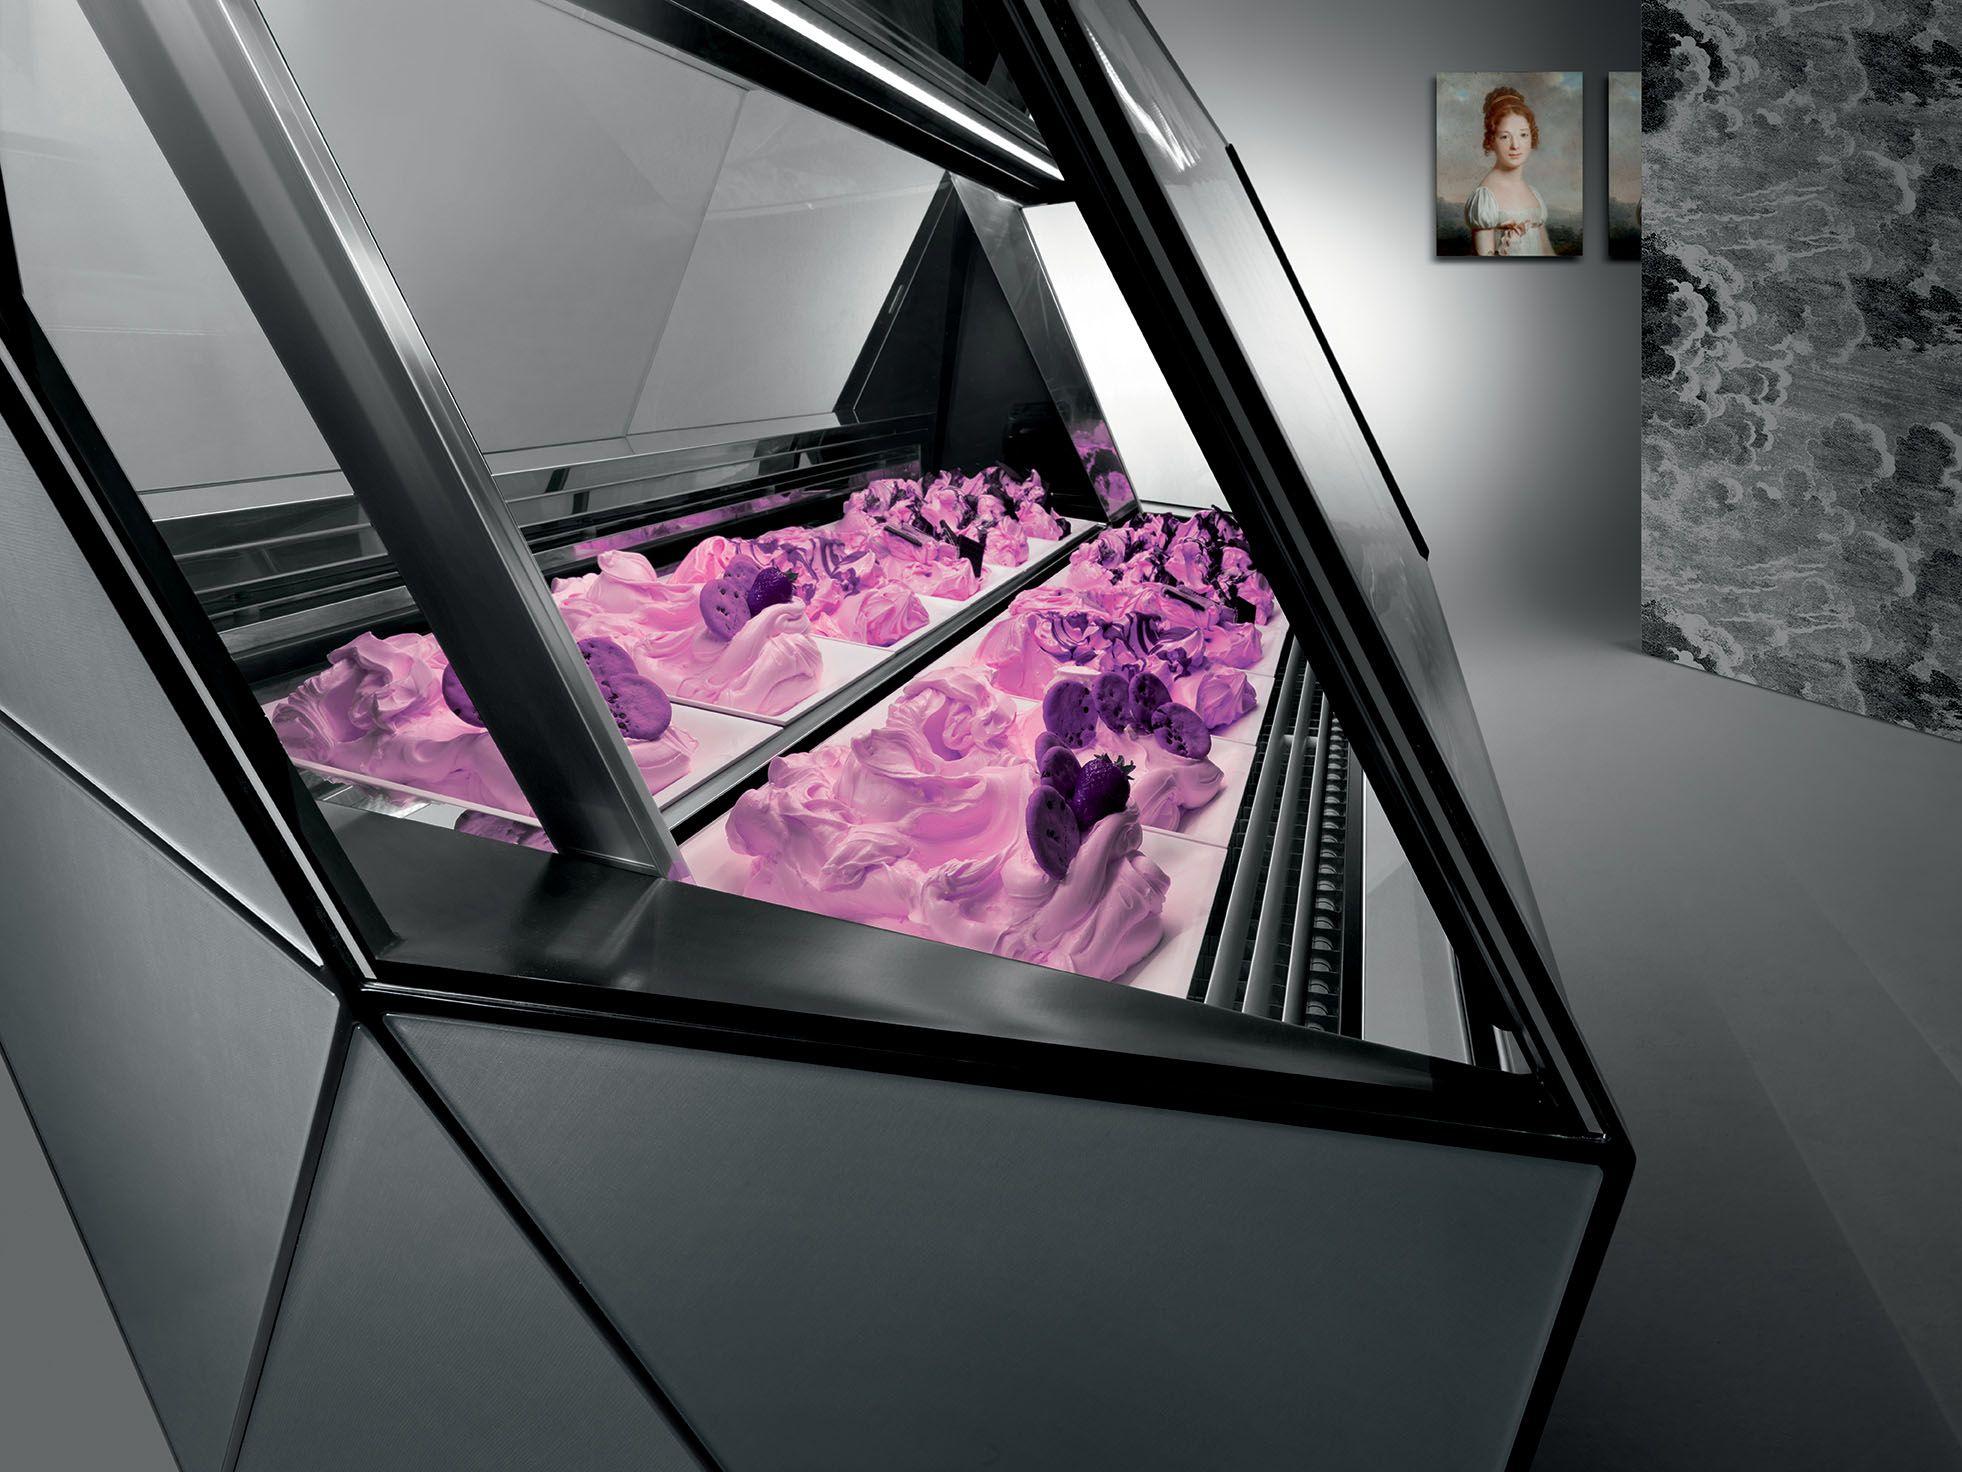 #Amazing #FB #vetrina #showcase #pasticceria #gelateria #icecream #pastry #shop #interior #design #inspiration #rendering